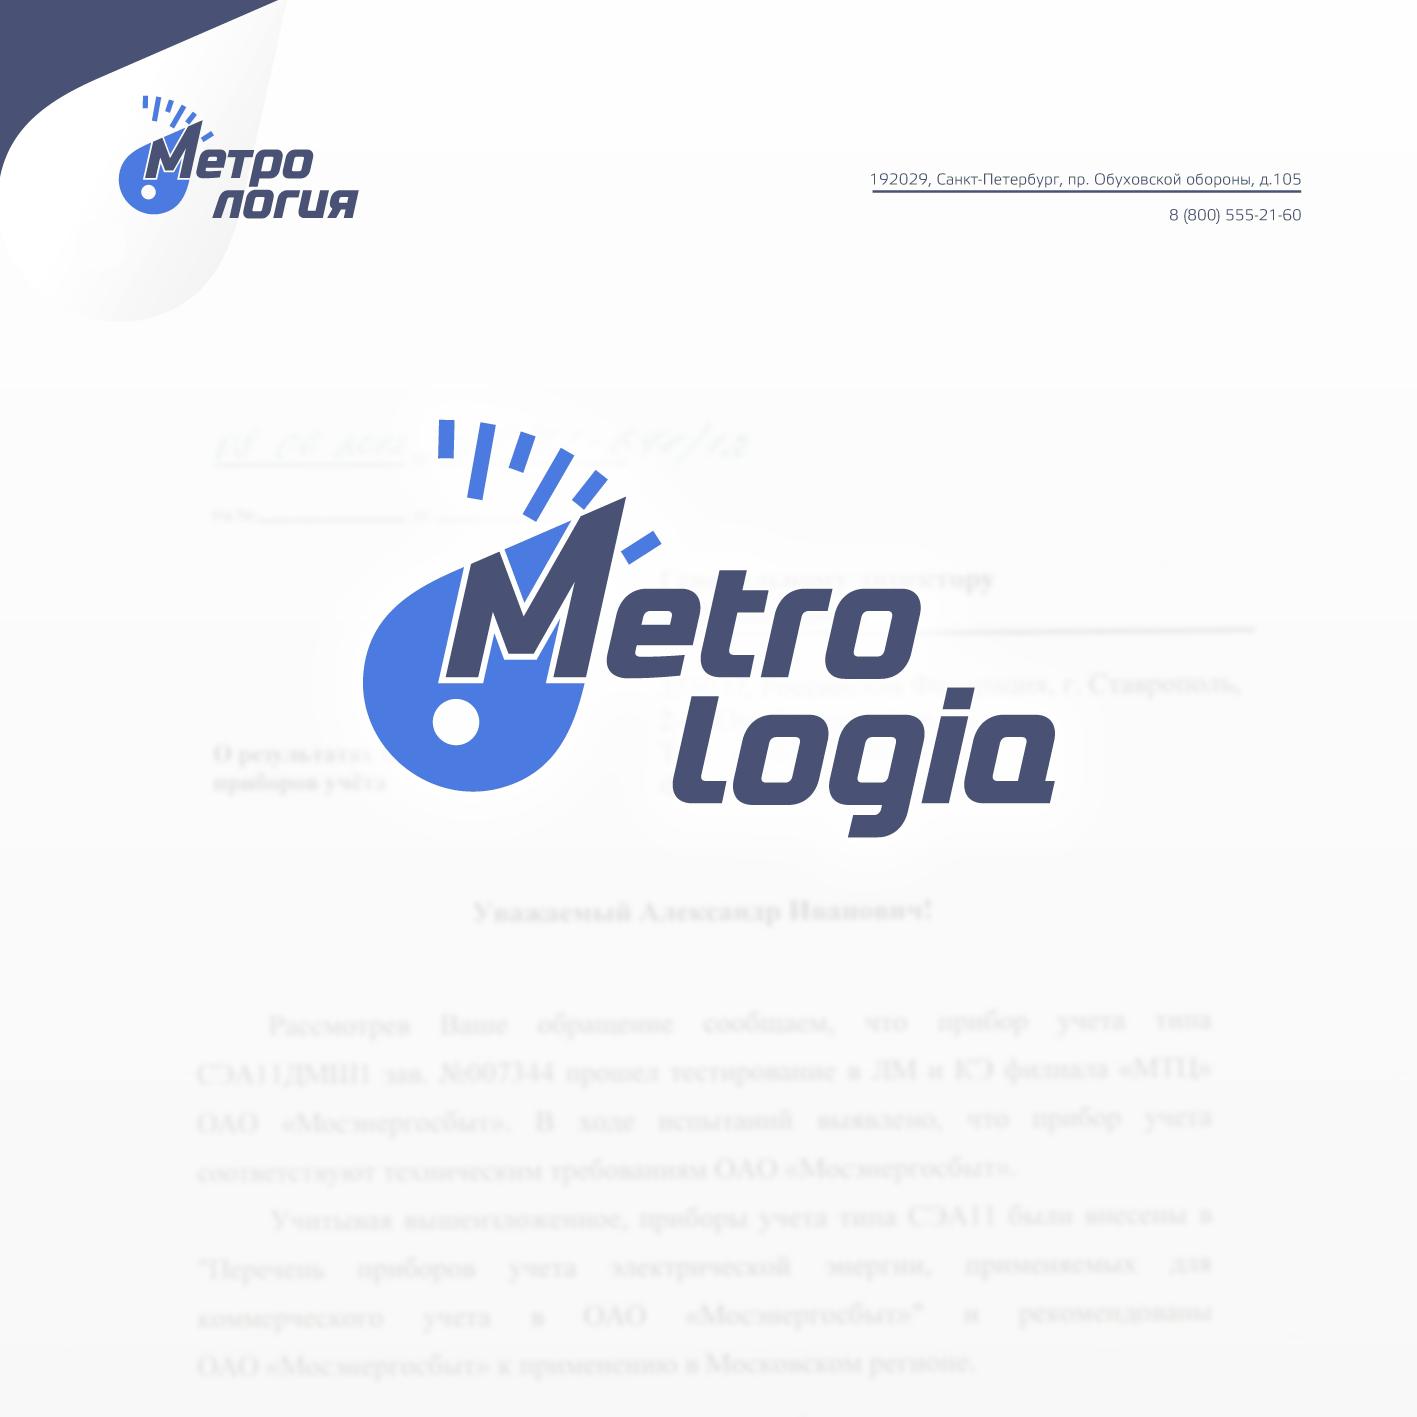 Разработать логотип, визитку, фирменный бланк. фото f_26258f5d54f8e6d2.png